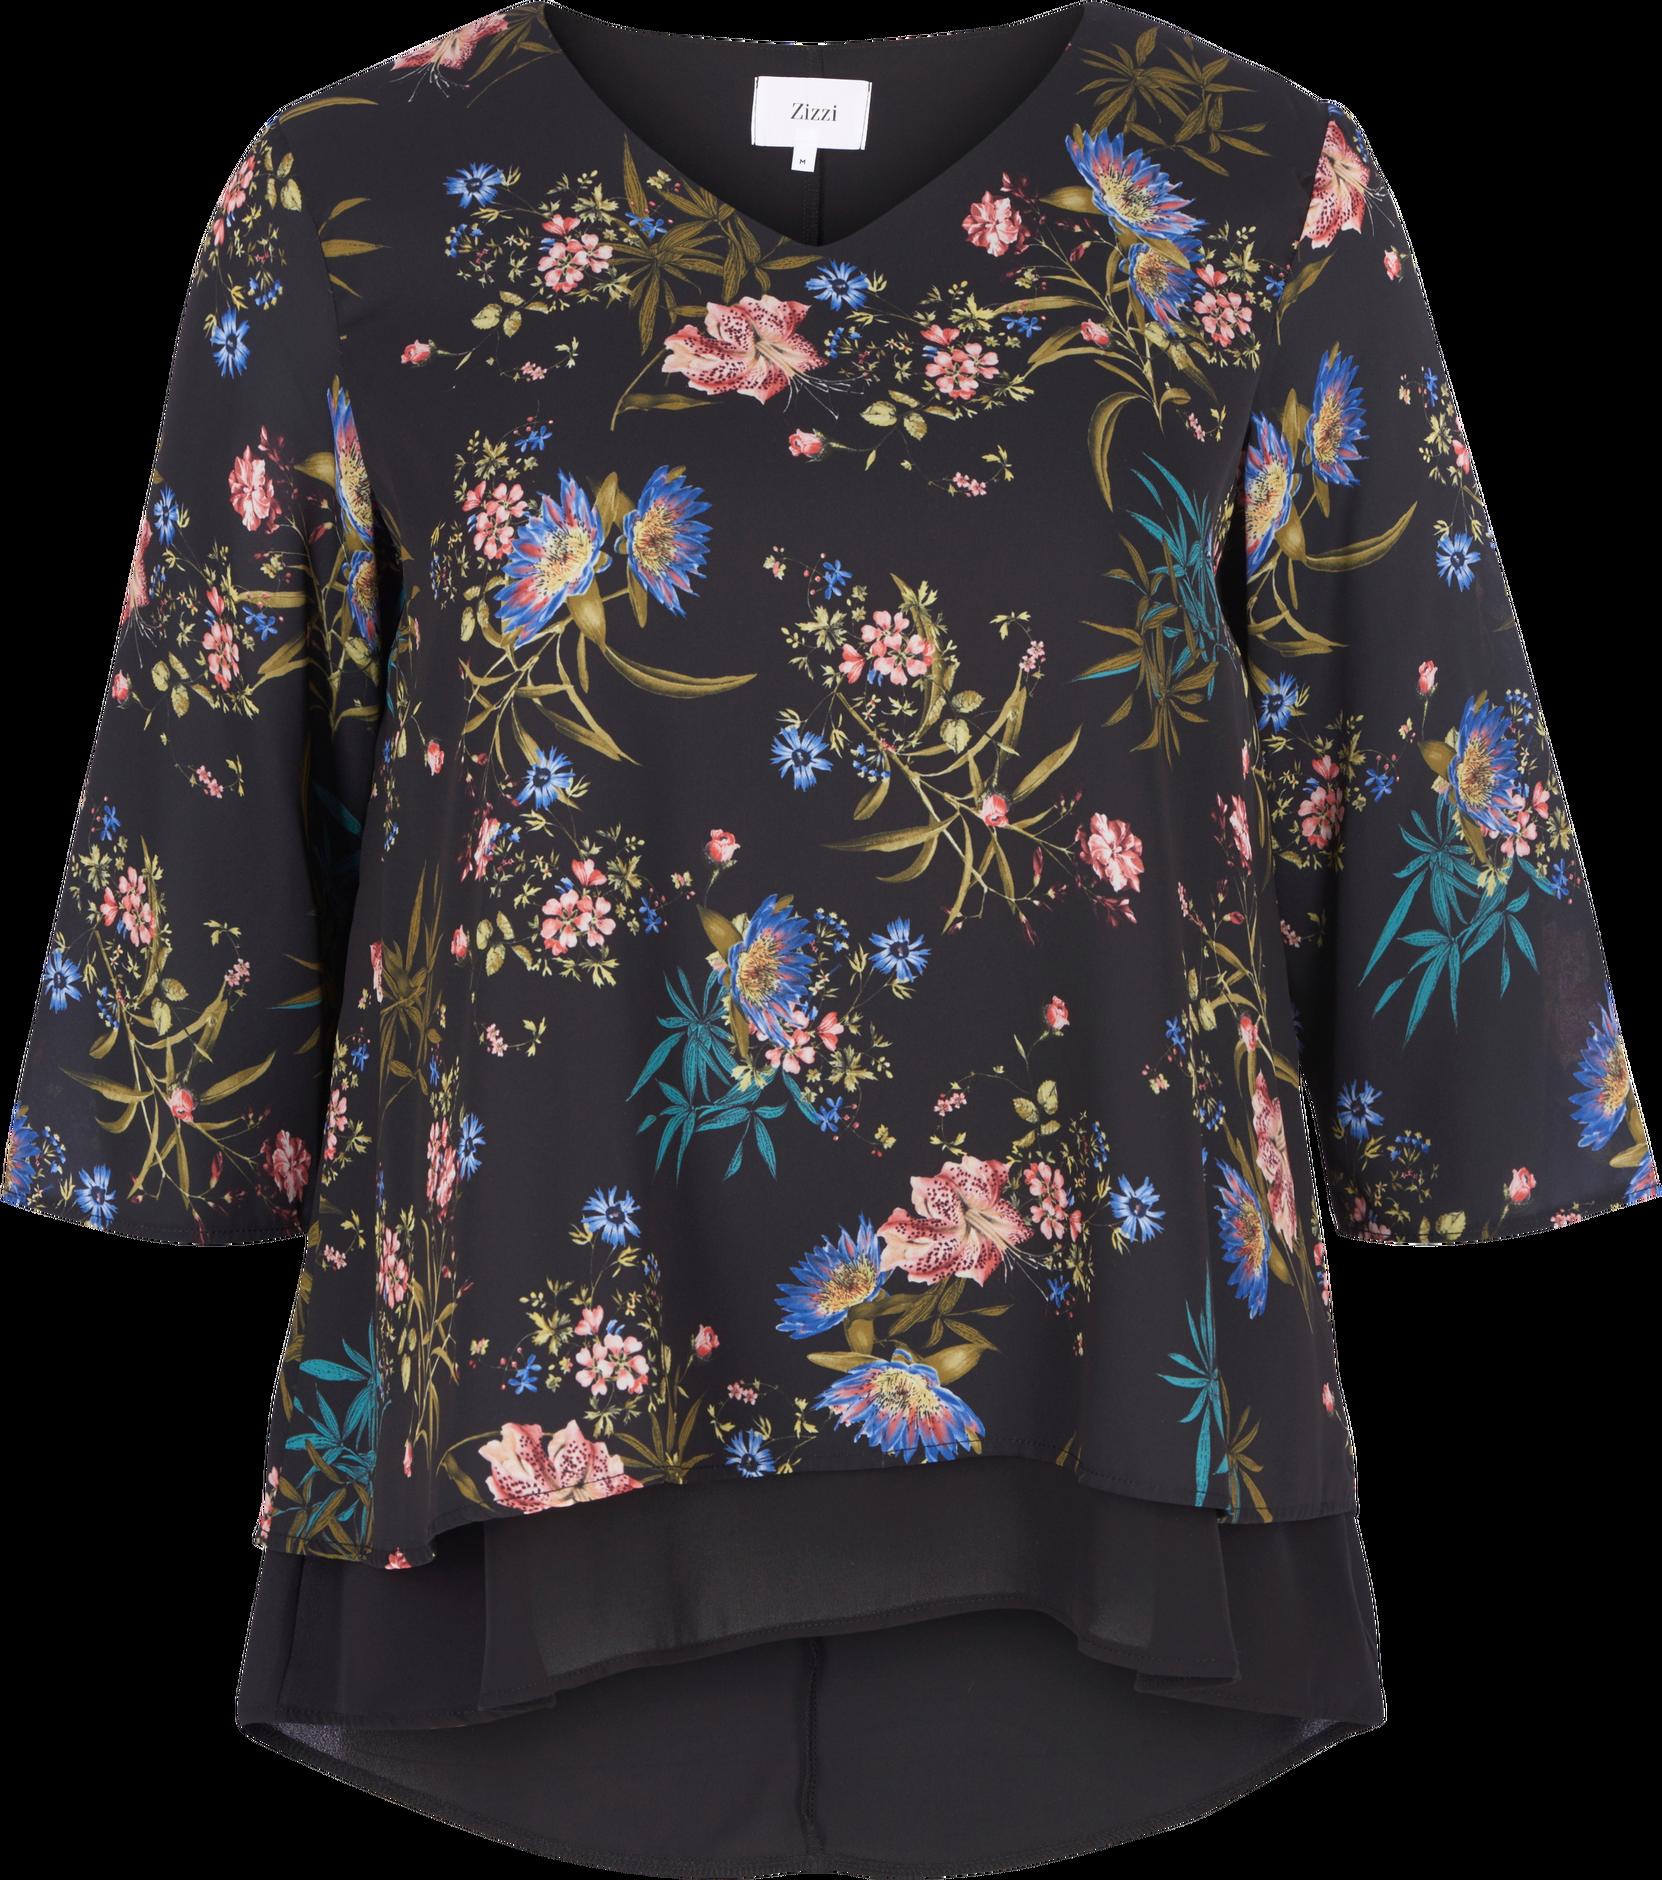 Bluse, foret Zizzi Skjorter & bluser til Kvinder i Sortmønstret